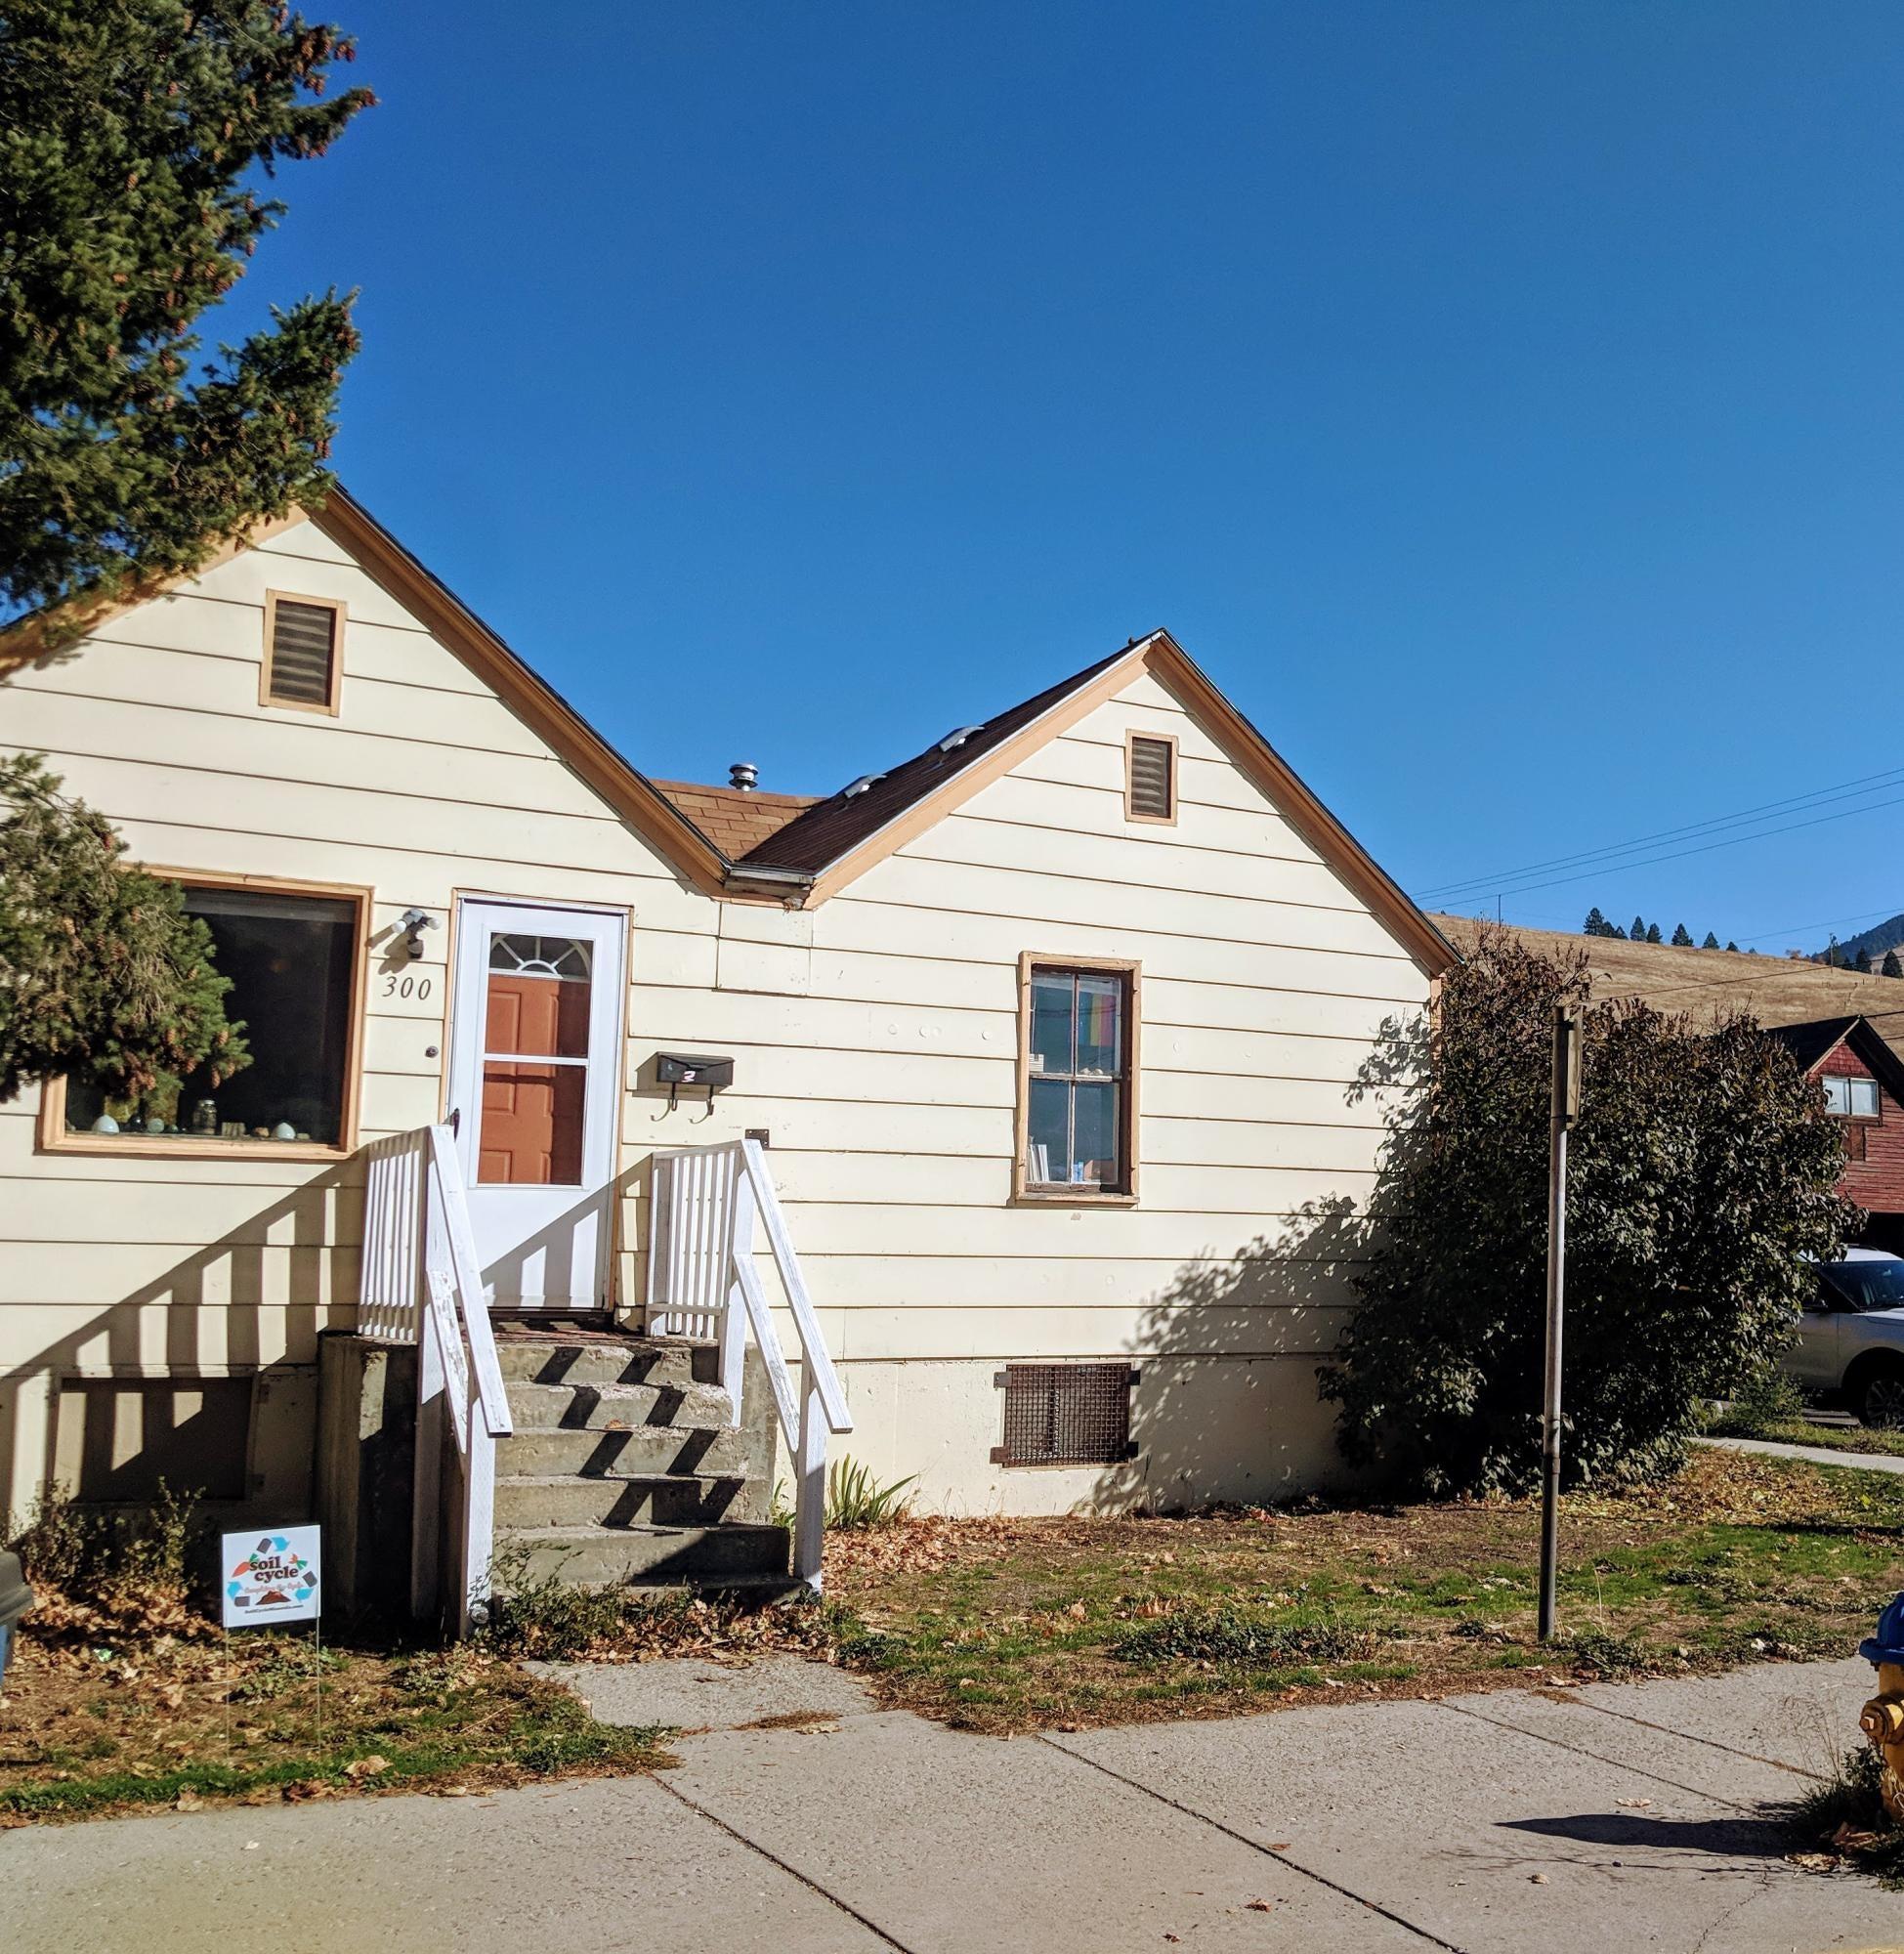 300 N 1st Street W, Missoula, MT 59802